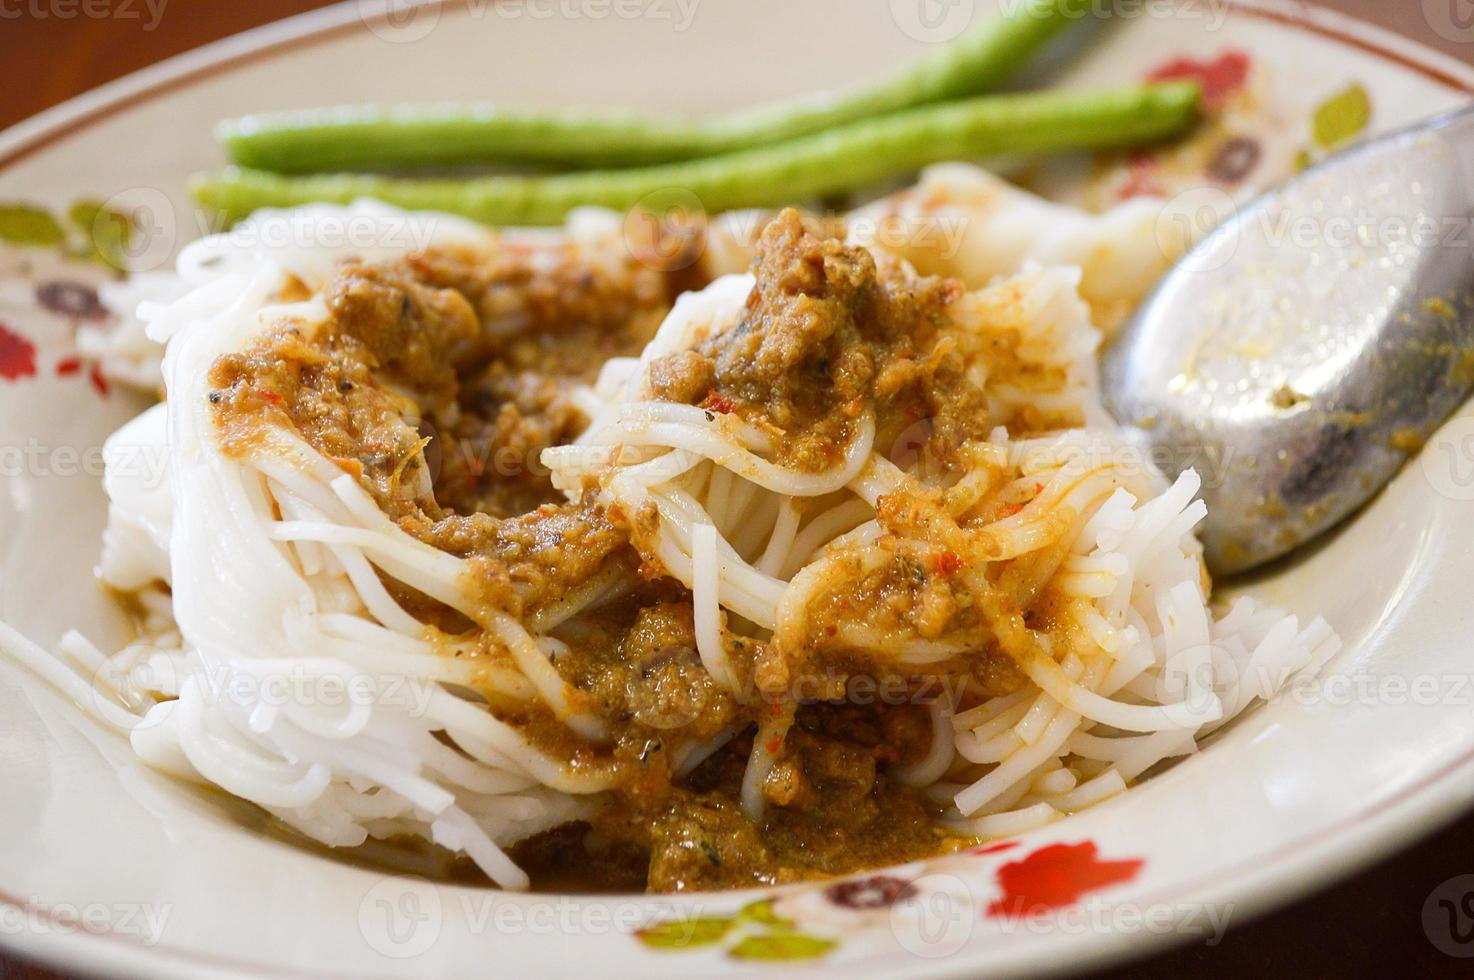 vermicelli di riso con salsa al curry foto